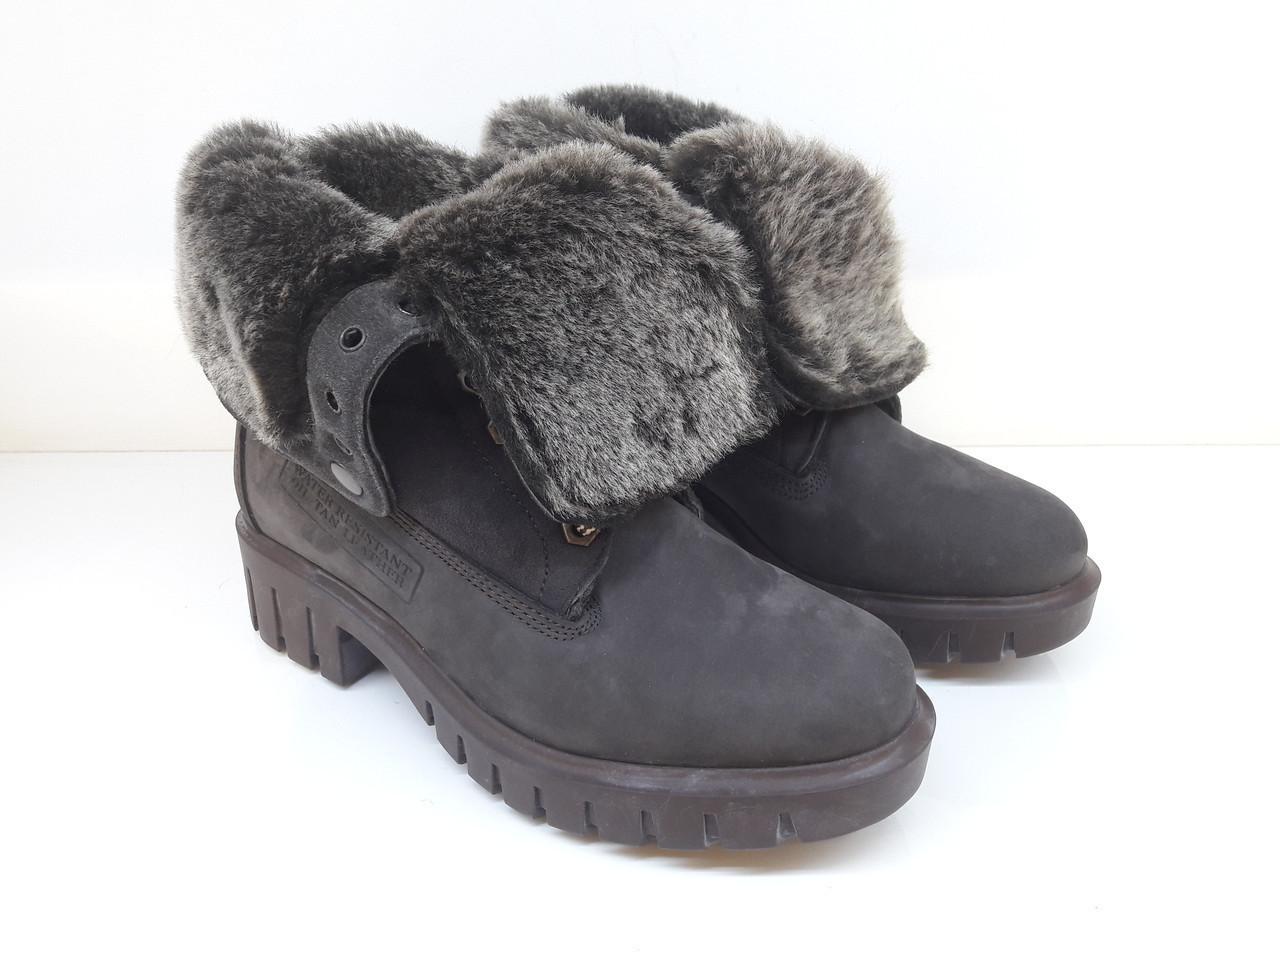 Ботинки Etor 10315-021554-1516 40 коричневые